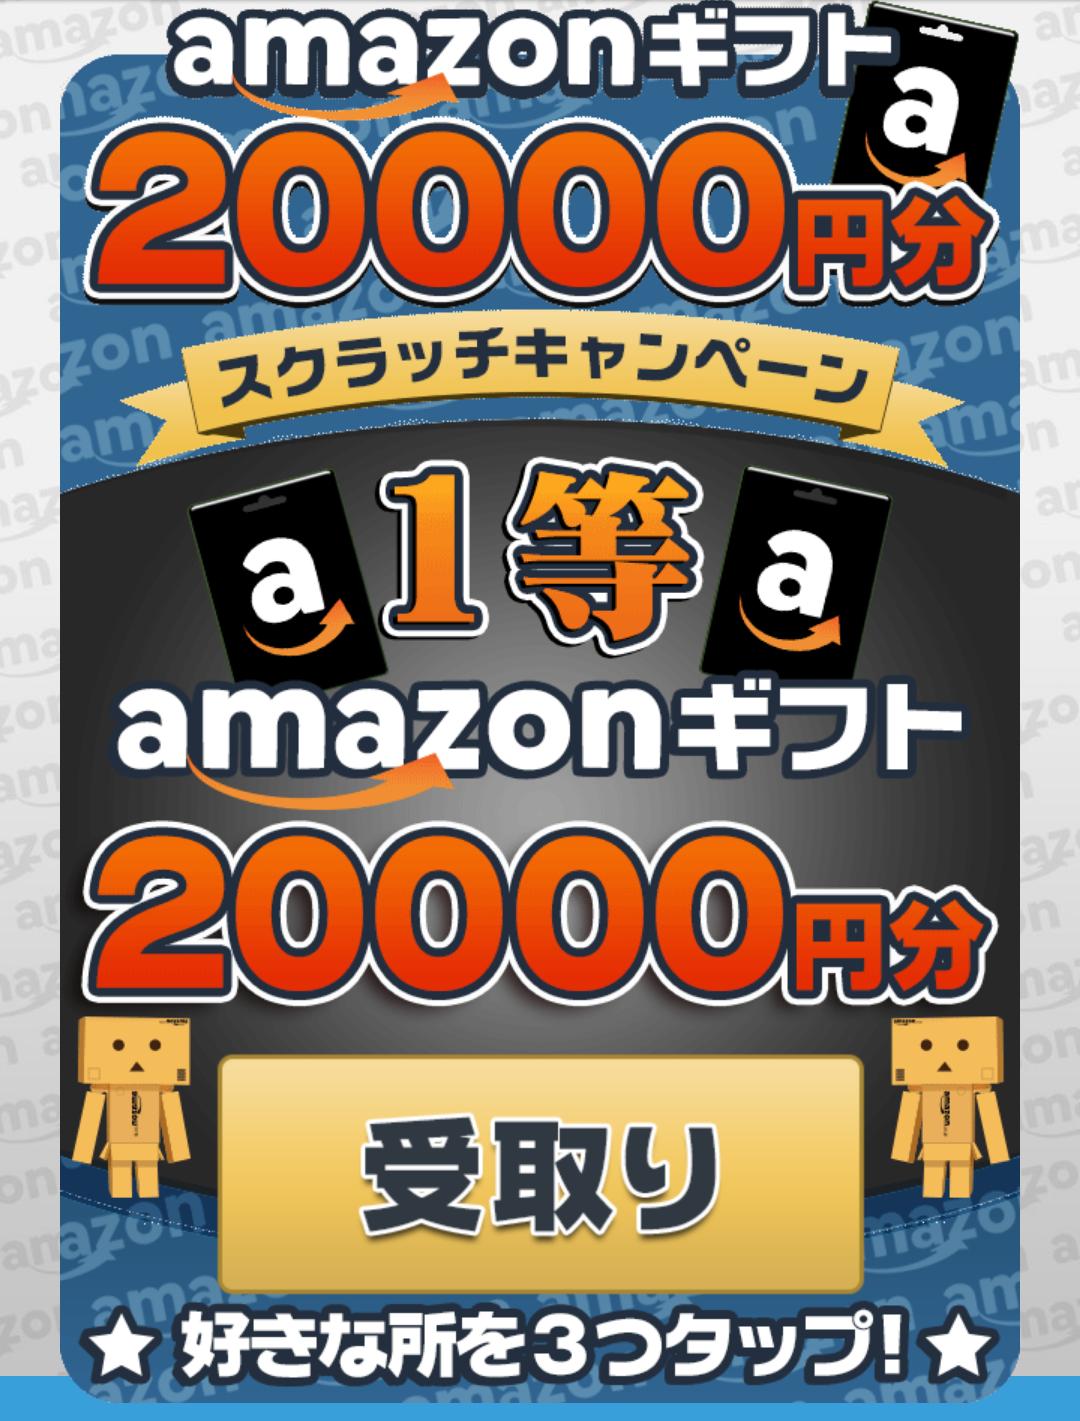 キラキラウォーカー/Amazonギフト券/スクラッチ/1等